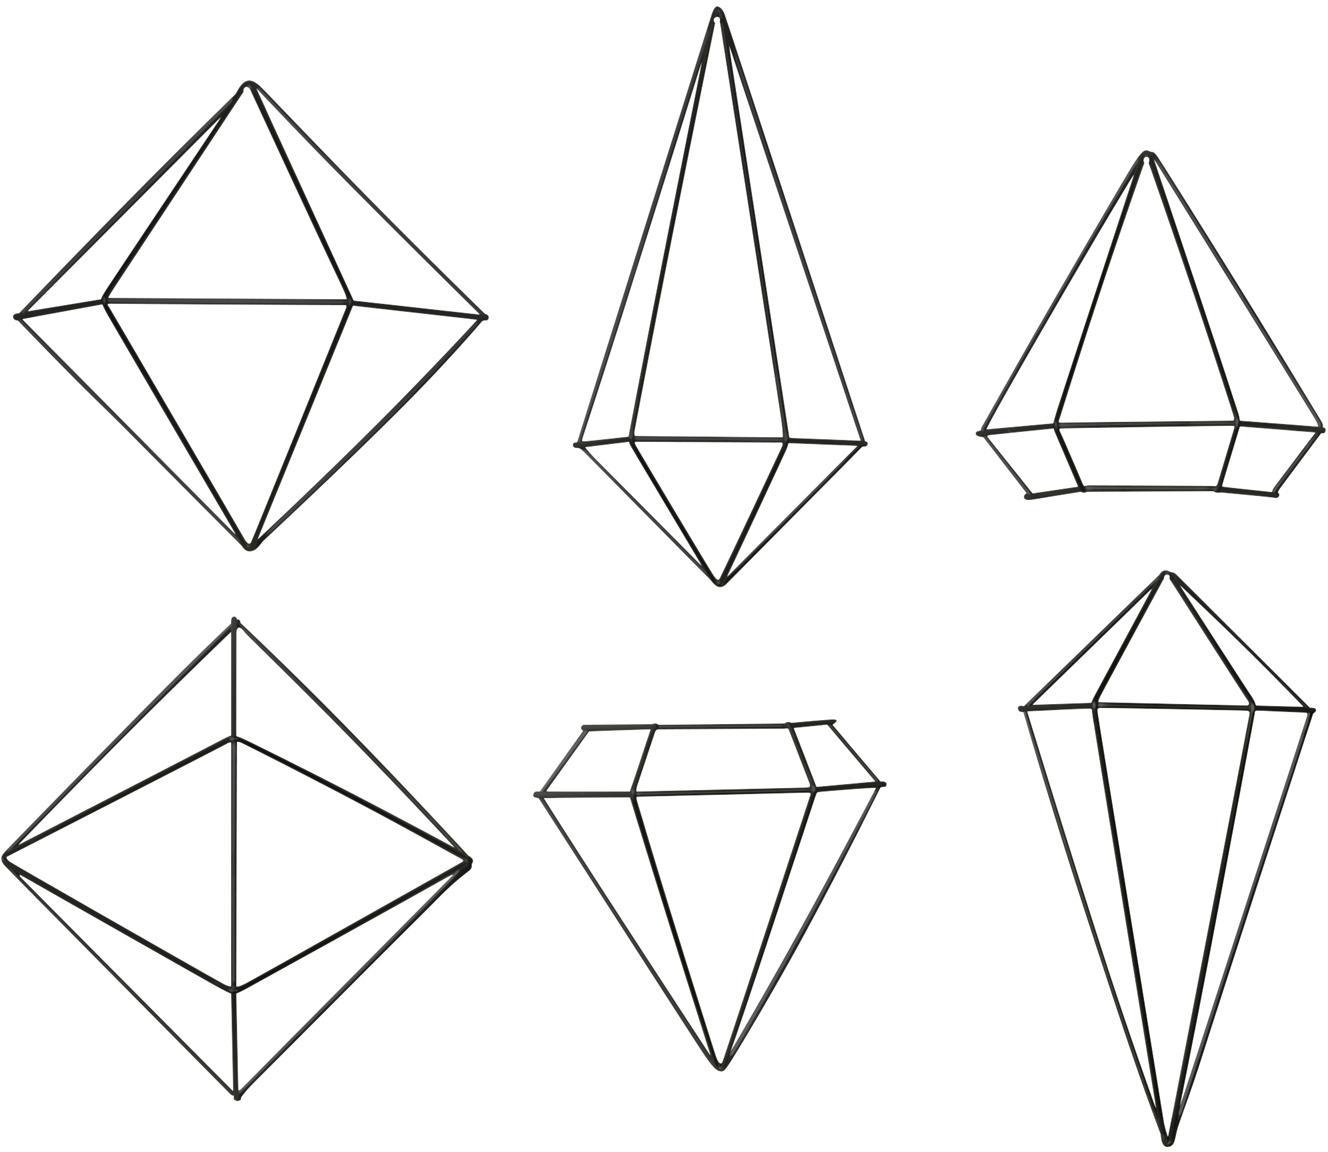 Wandobjectenset Prisma van gelakt metaal, 6-delig, Gelakt metaal, Zwart, Set met verschillende formaten